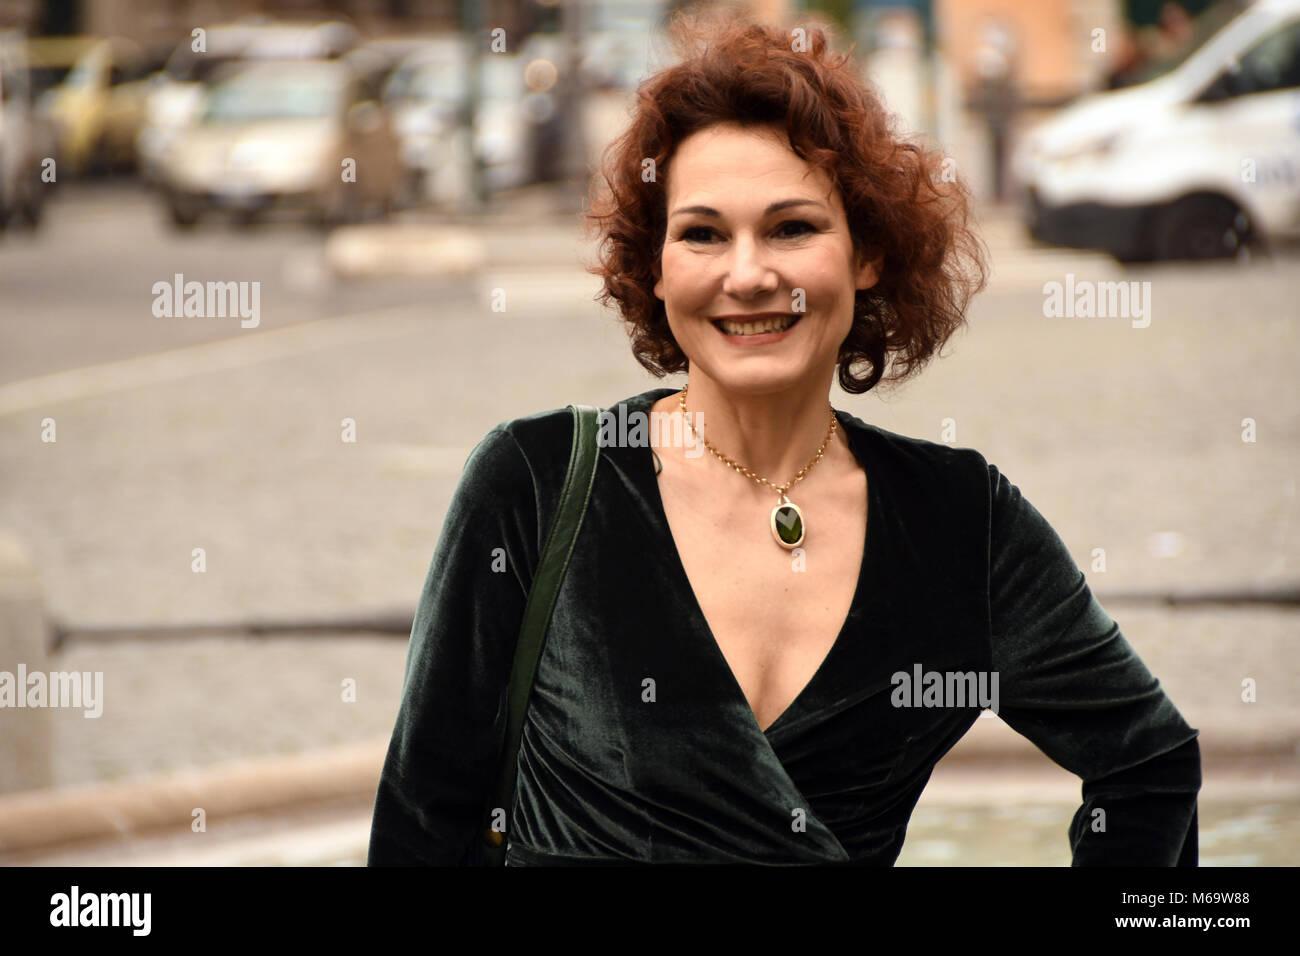 Rome Italy 1 March 2018 Place Barberini - Photocall film presentation ANCHE  SENZA DI TE,